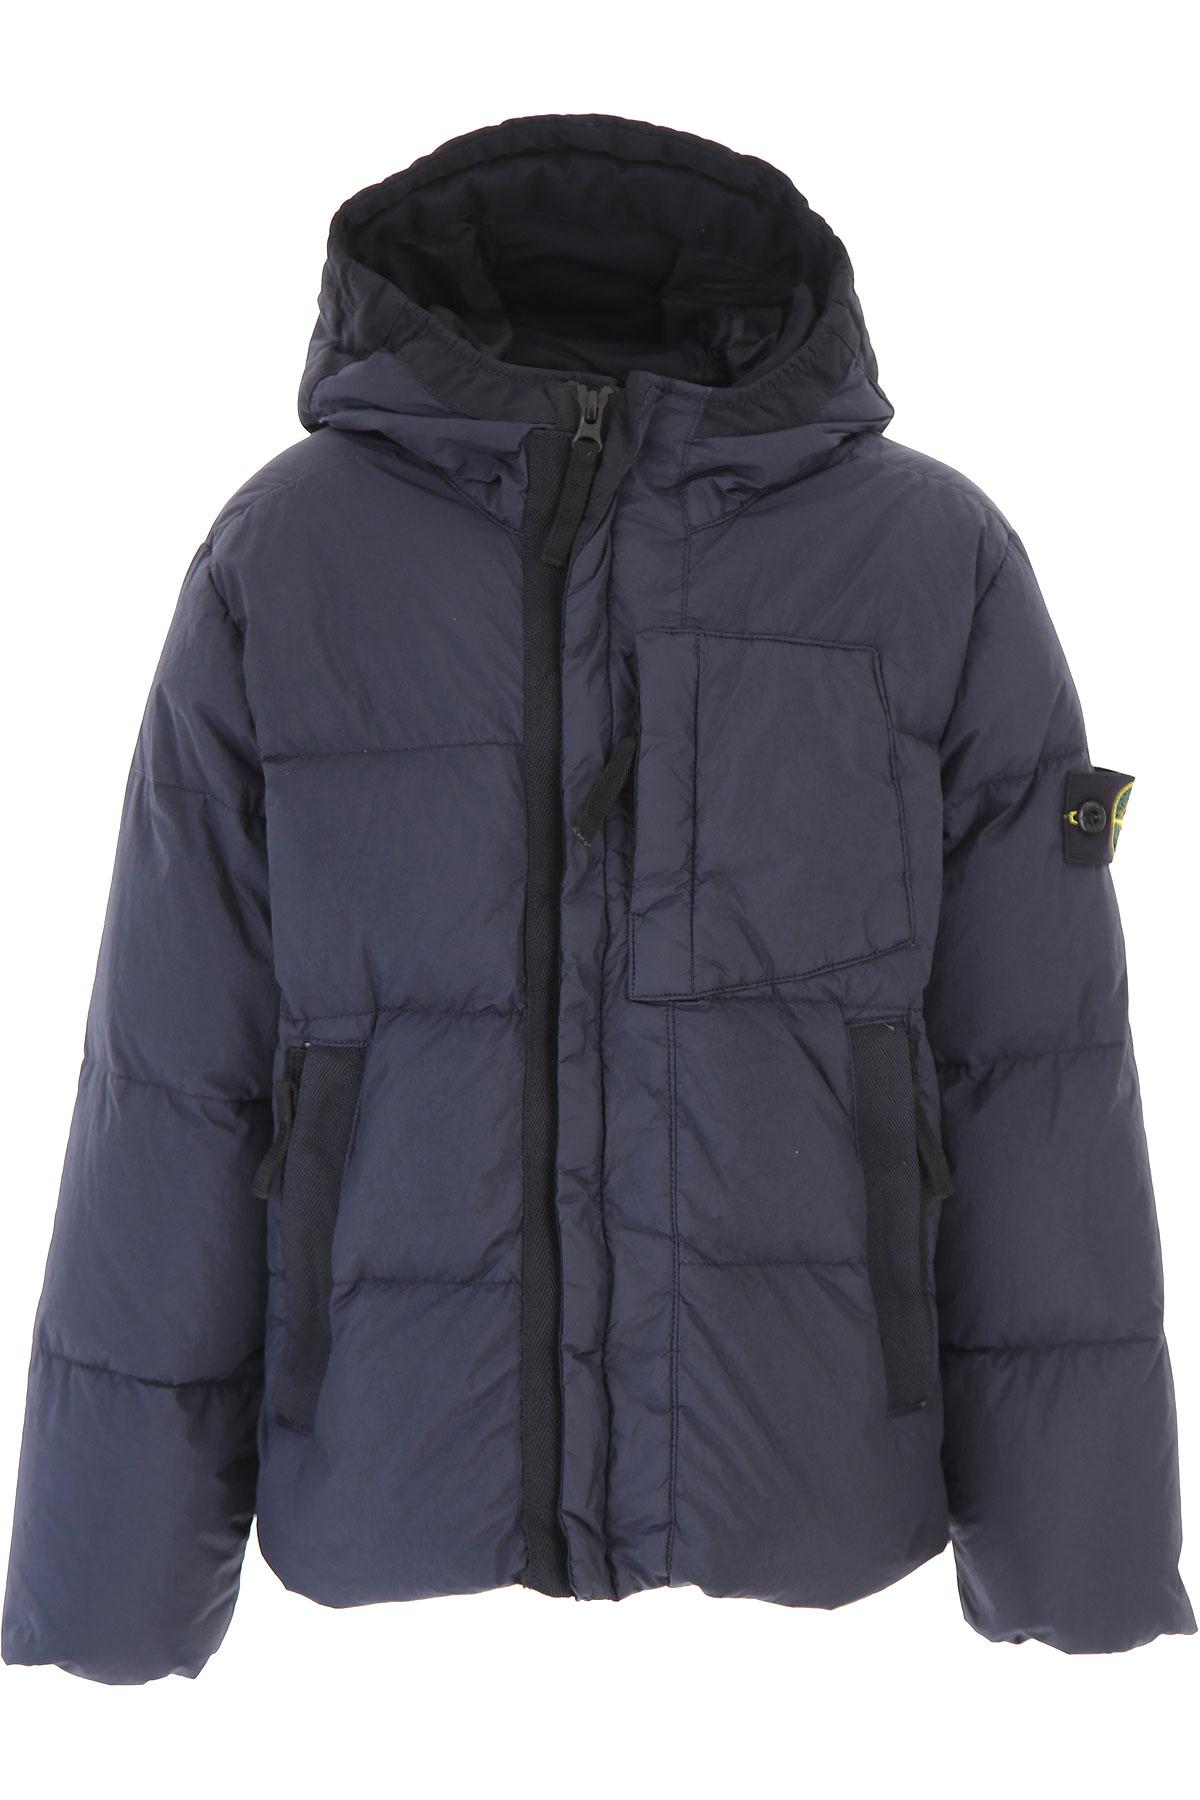 Image of Stone Island Boys Down Jacket for Kids, Puffer Ski Jacket, Blue, polyamide, 2017, 10Y 14Y 4Y 6Y 8Y